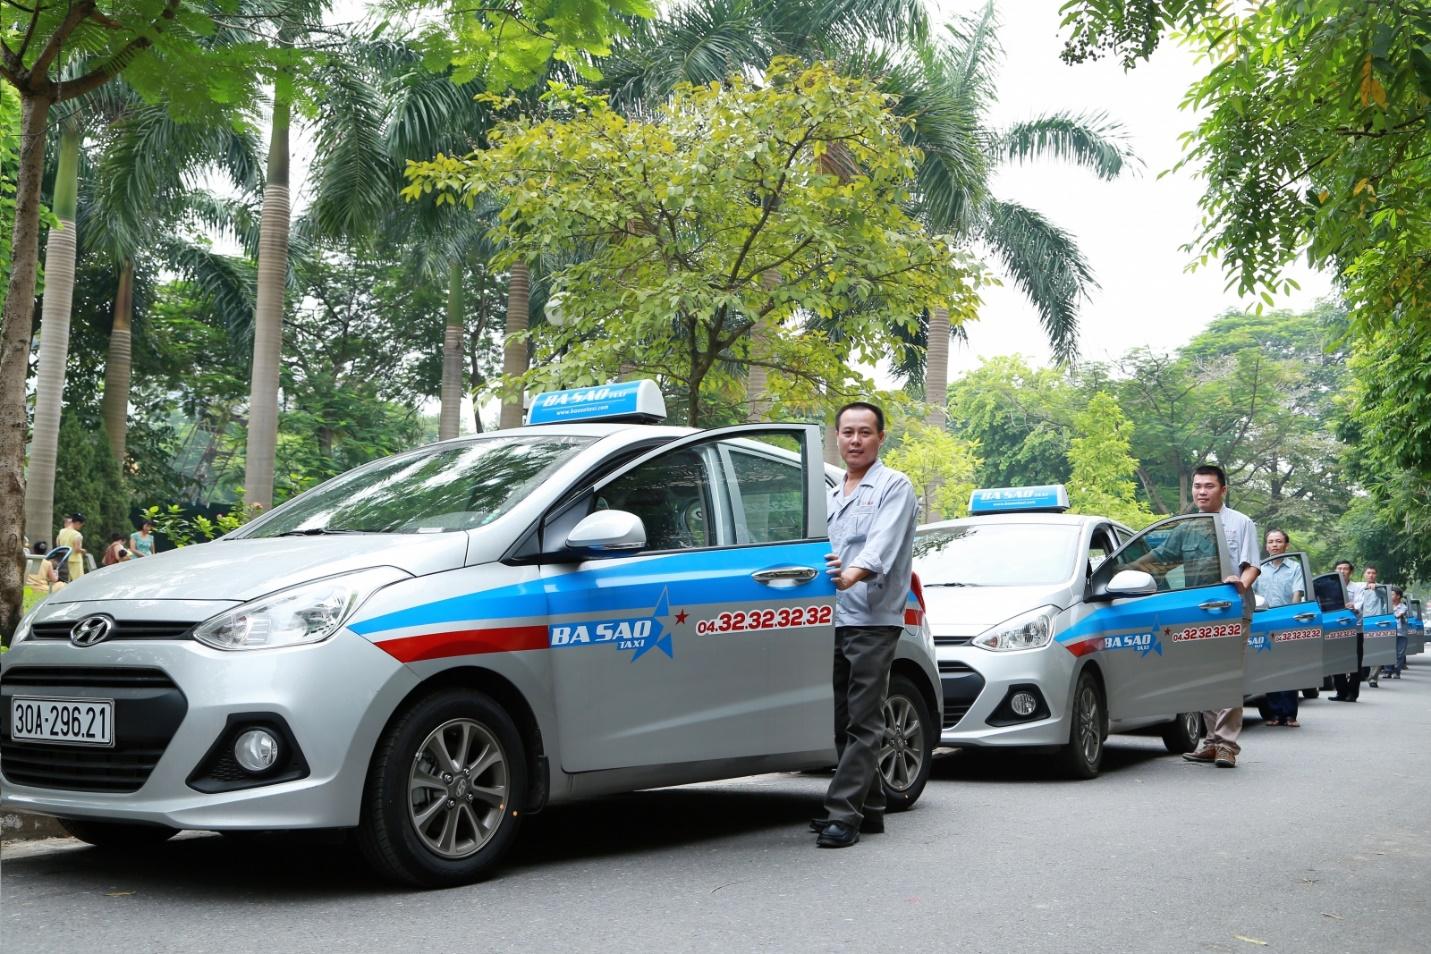 Ba Sao taxi in Hanoi